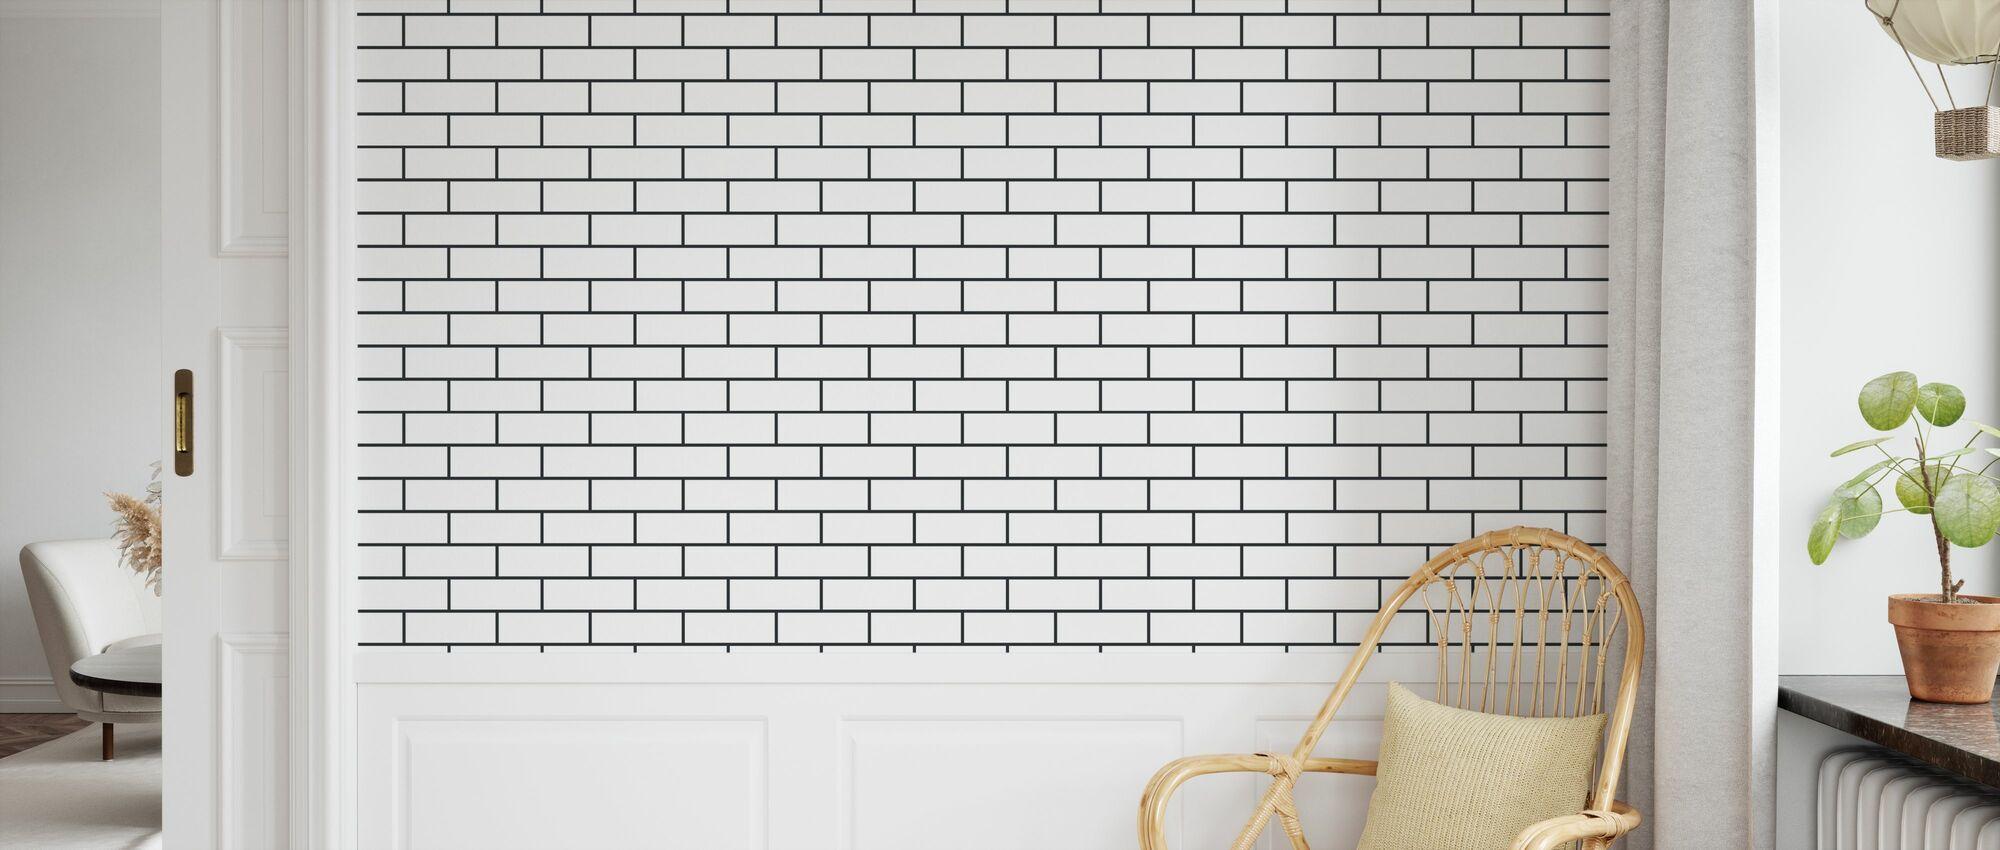 Tegel - Weiß Schwarz - Tapete - Kinderzimmer